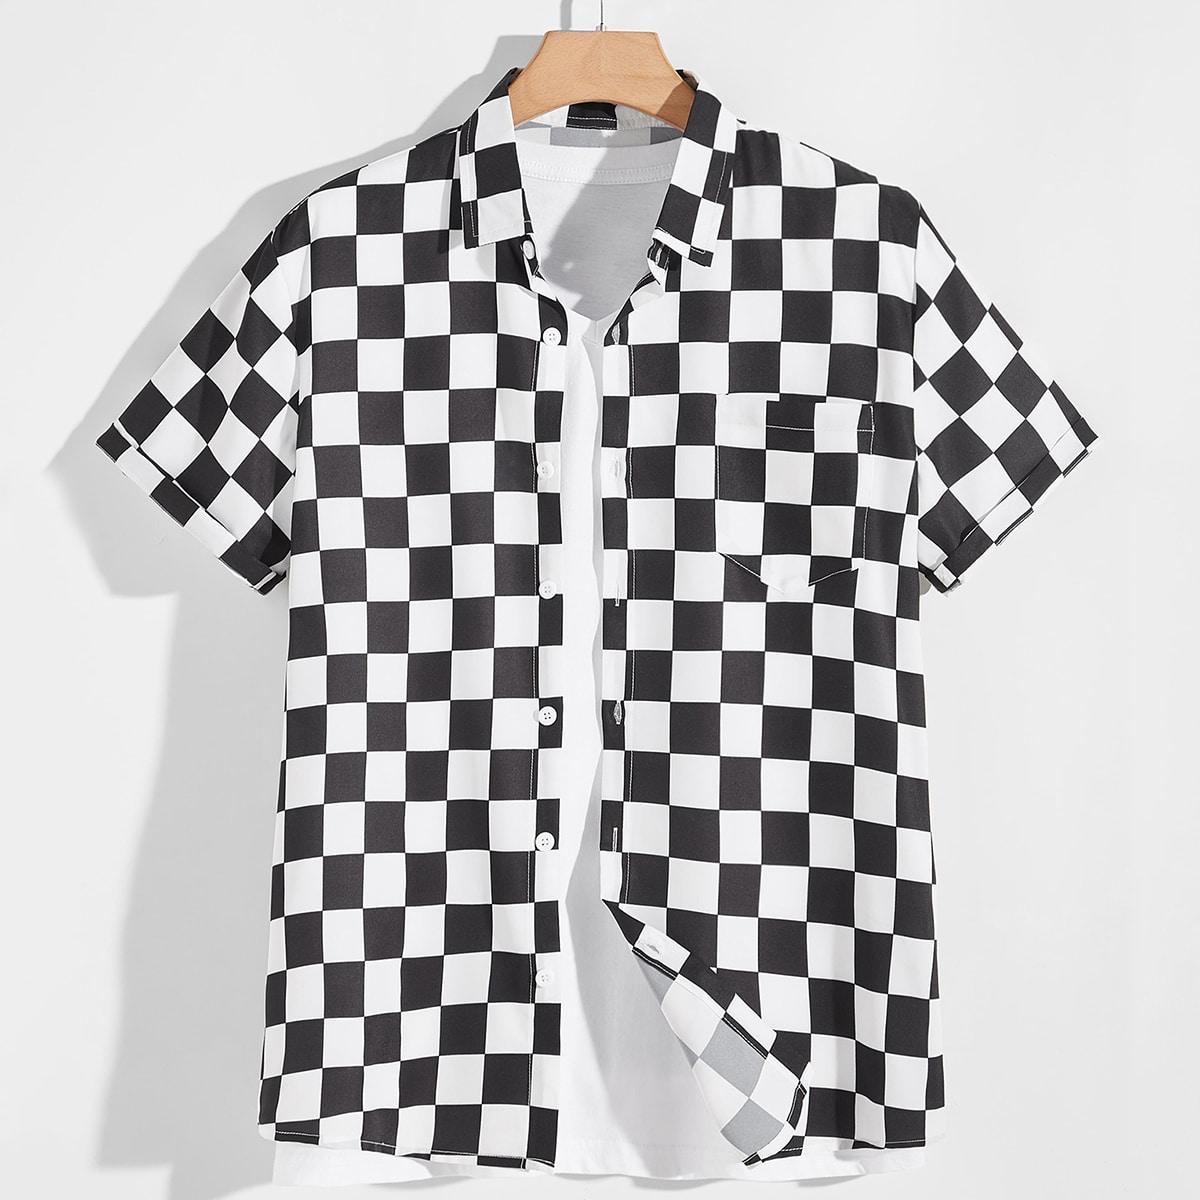 Мужской Рубашка в клетку карманом SheIn smshirt01201209257